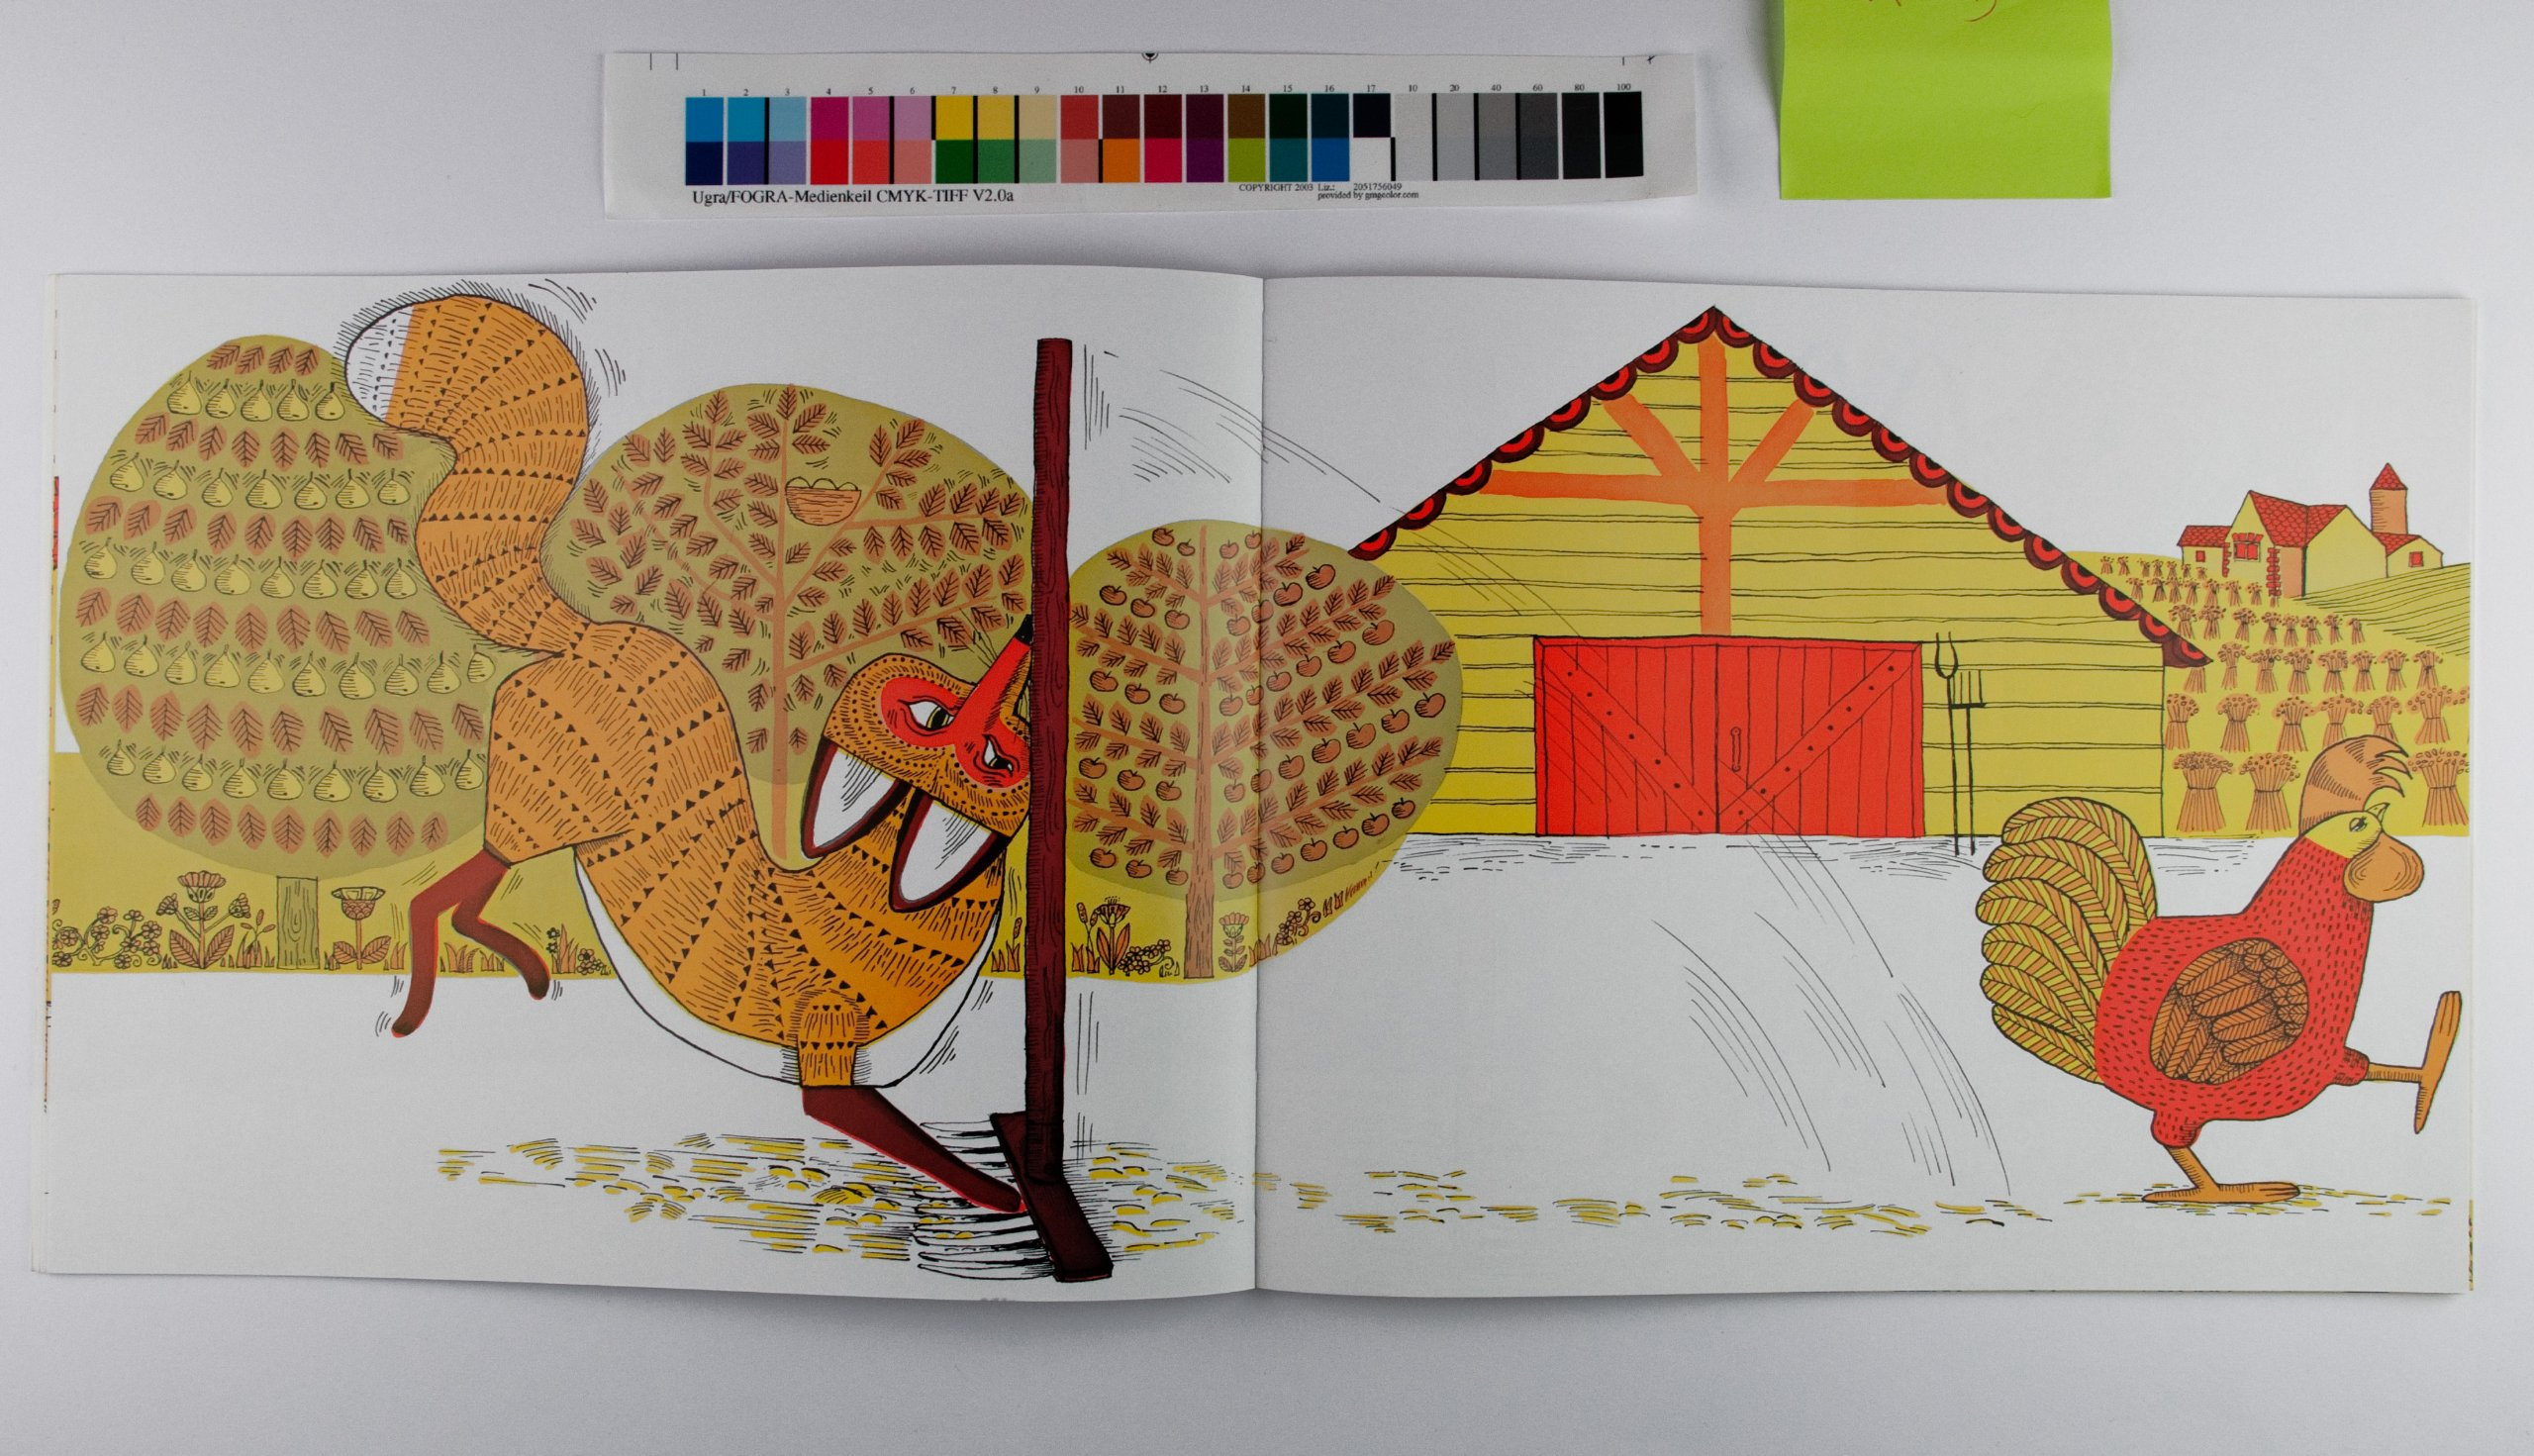 invitation letter for tourist visusa%0A Children u    s Picturebooks  The Art of Visual Storytelling  Martin Salisbury   Morag Styles                 Amazon com  Books